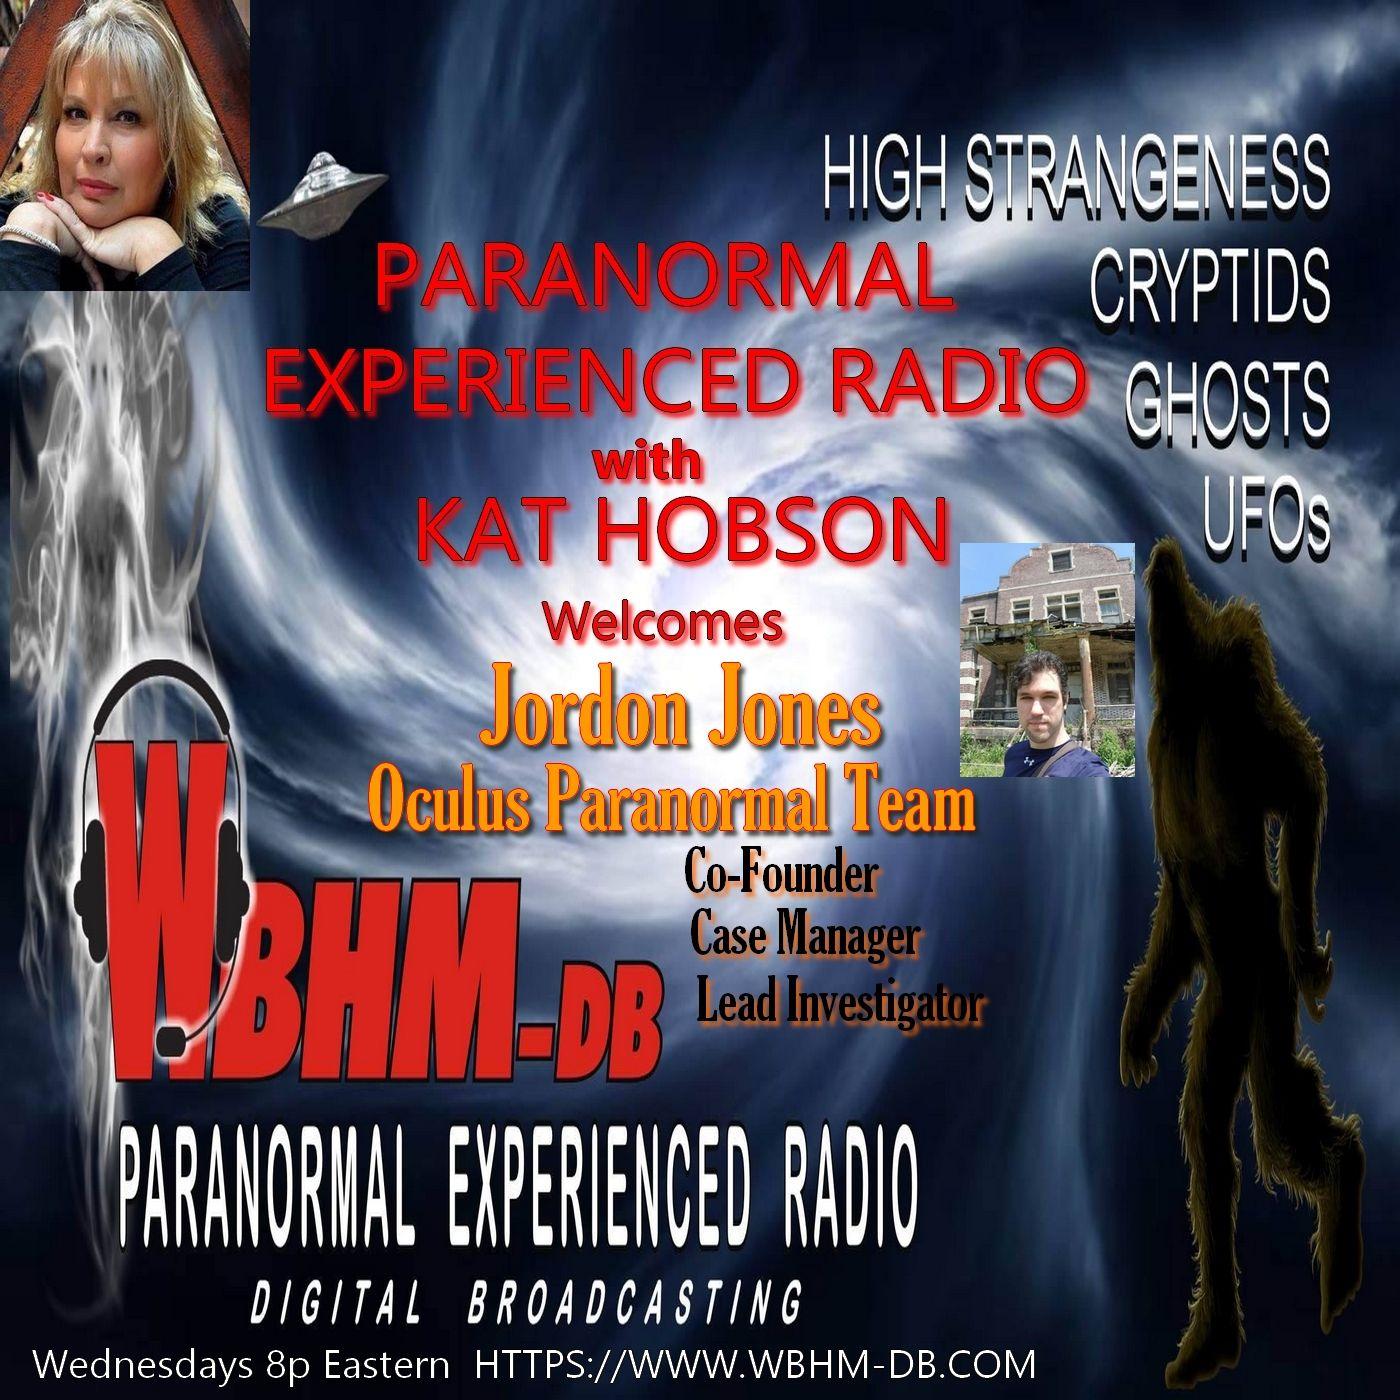 Jordon Jones 8.21.19